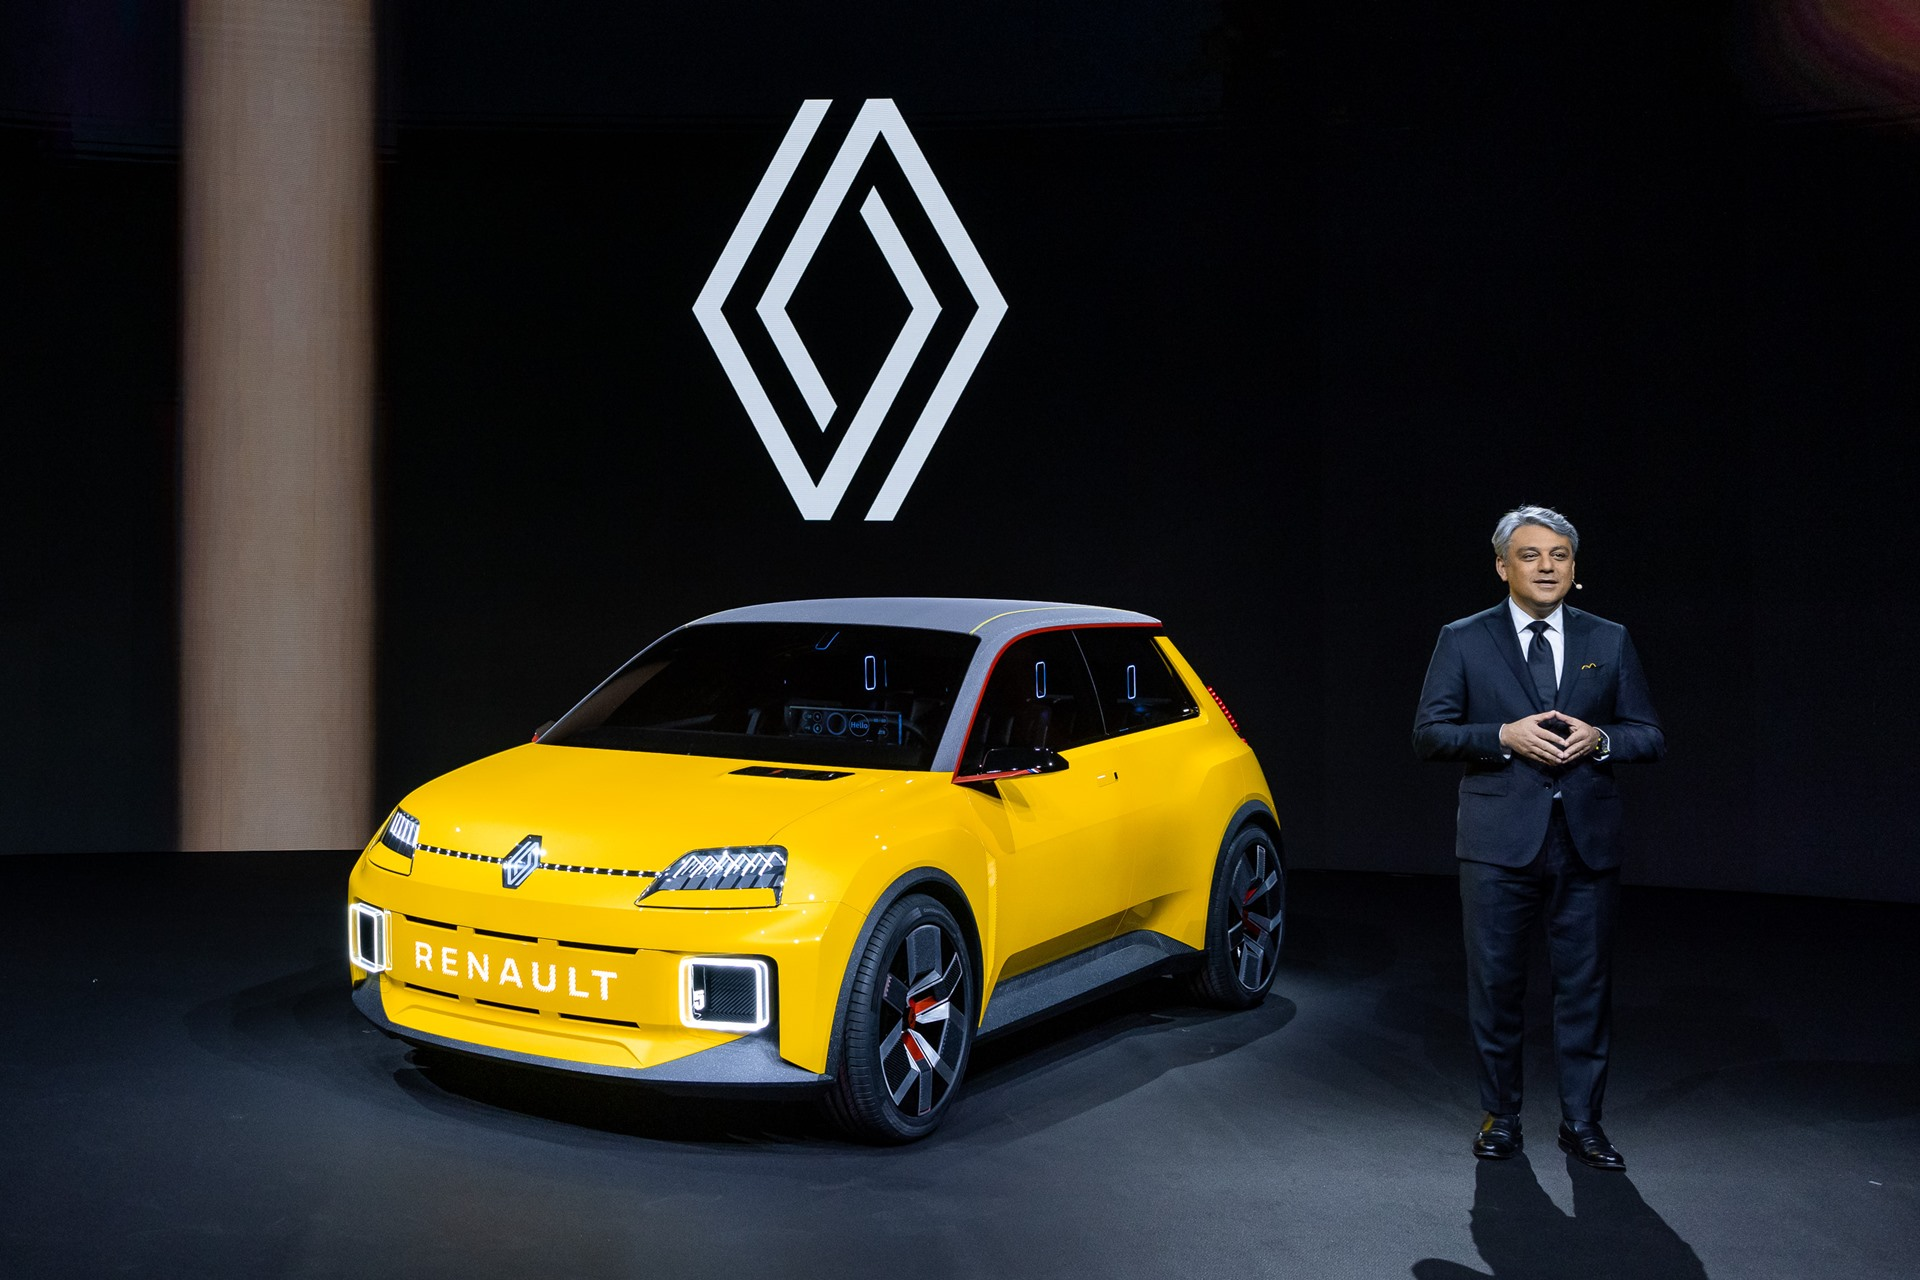 Precio Del Renault 5 Eléctrico Luca De Meo